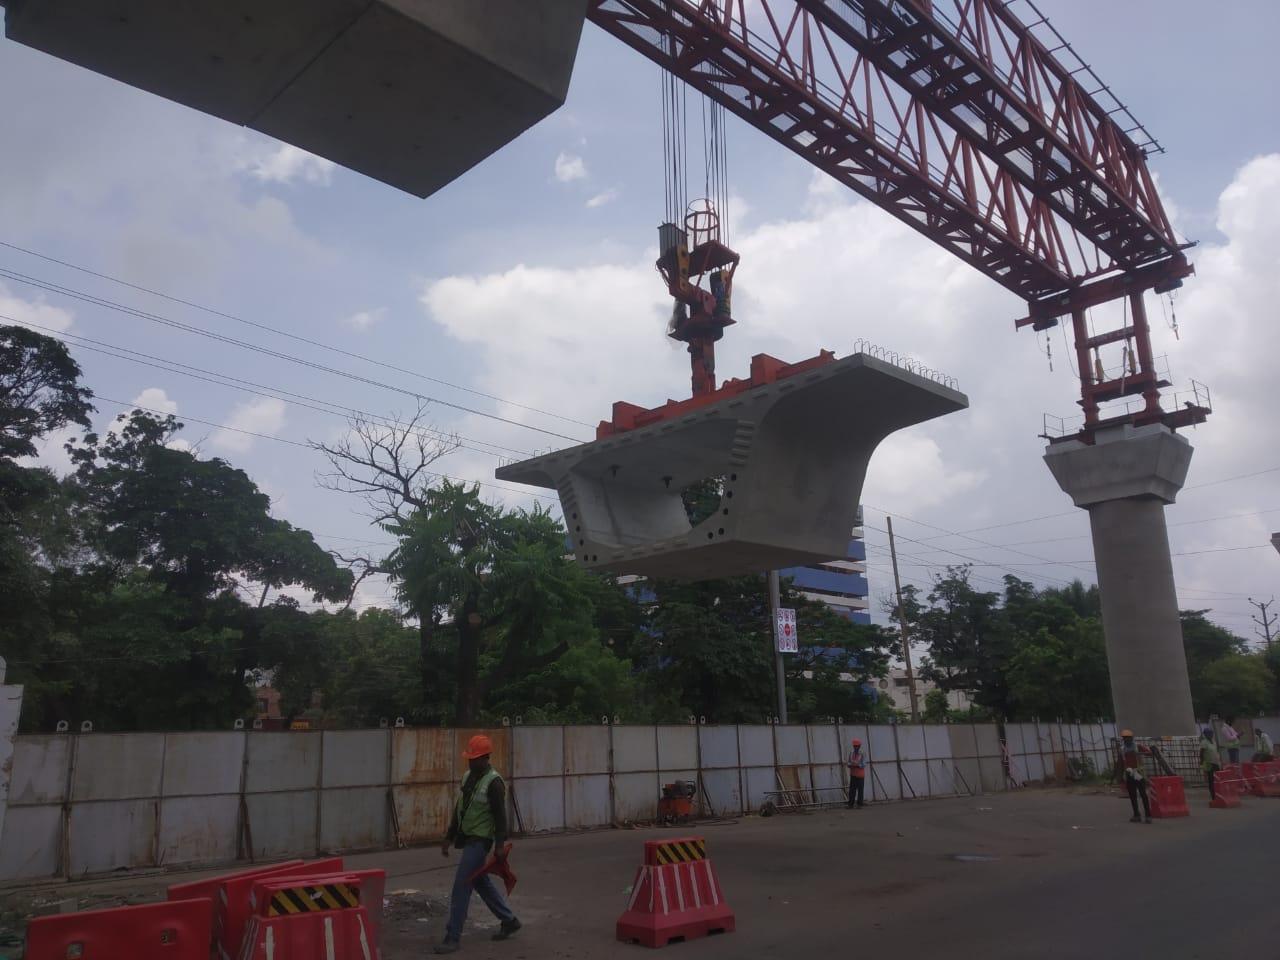 सुभाष नगर रेलवे फाटक से गर्वमेंट प्रेस तक गर्डर लॉन्चिंग का काम पूरा, अब एमपी नगर-हबीबगंज में शुरुआत|भोपाल,Bhopal - Dainik Bhaskar